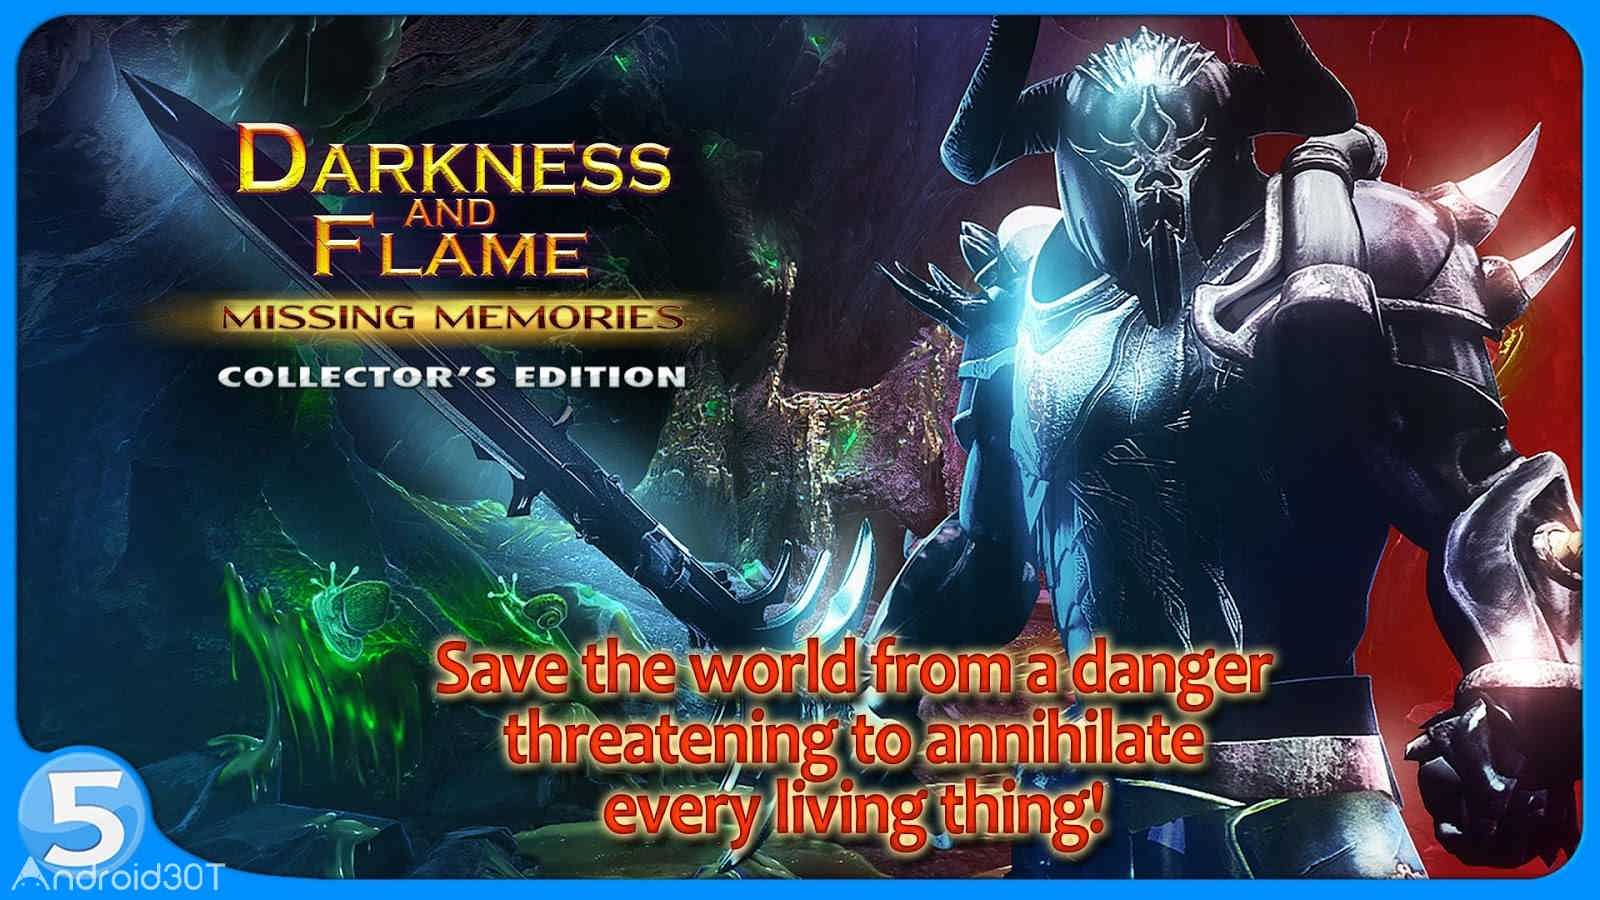 دانلود Darkness and Flame 2 (full) v1.1.1 – بازی ماجراجویی تاریکی و شعله 2 اندروید